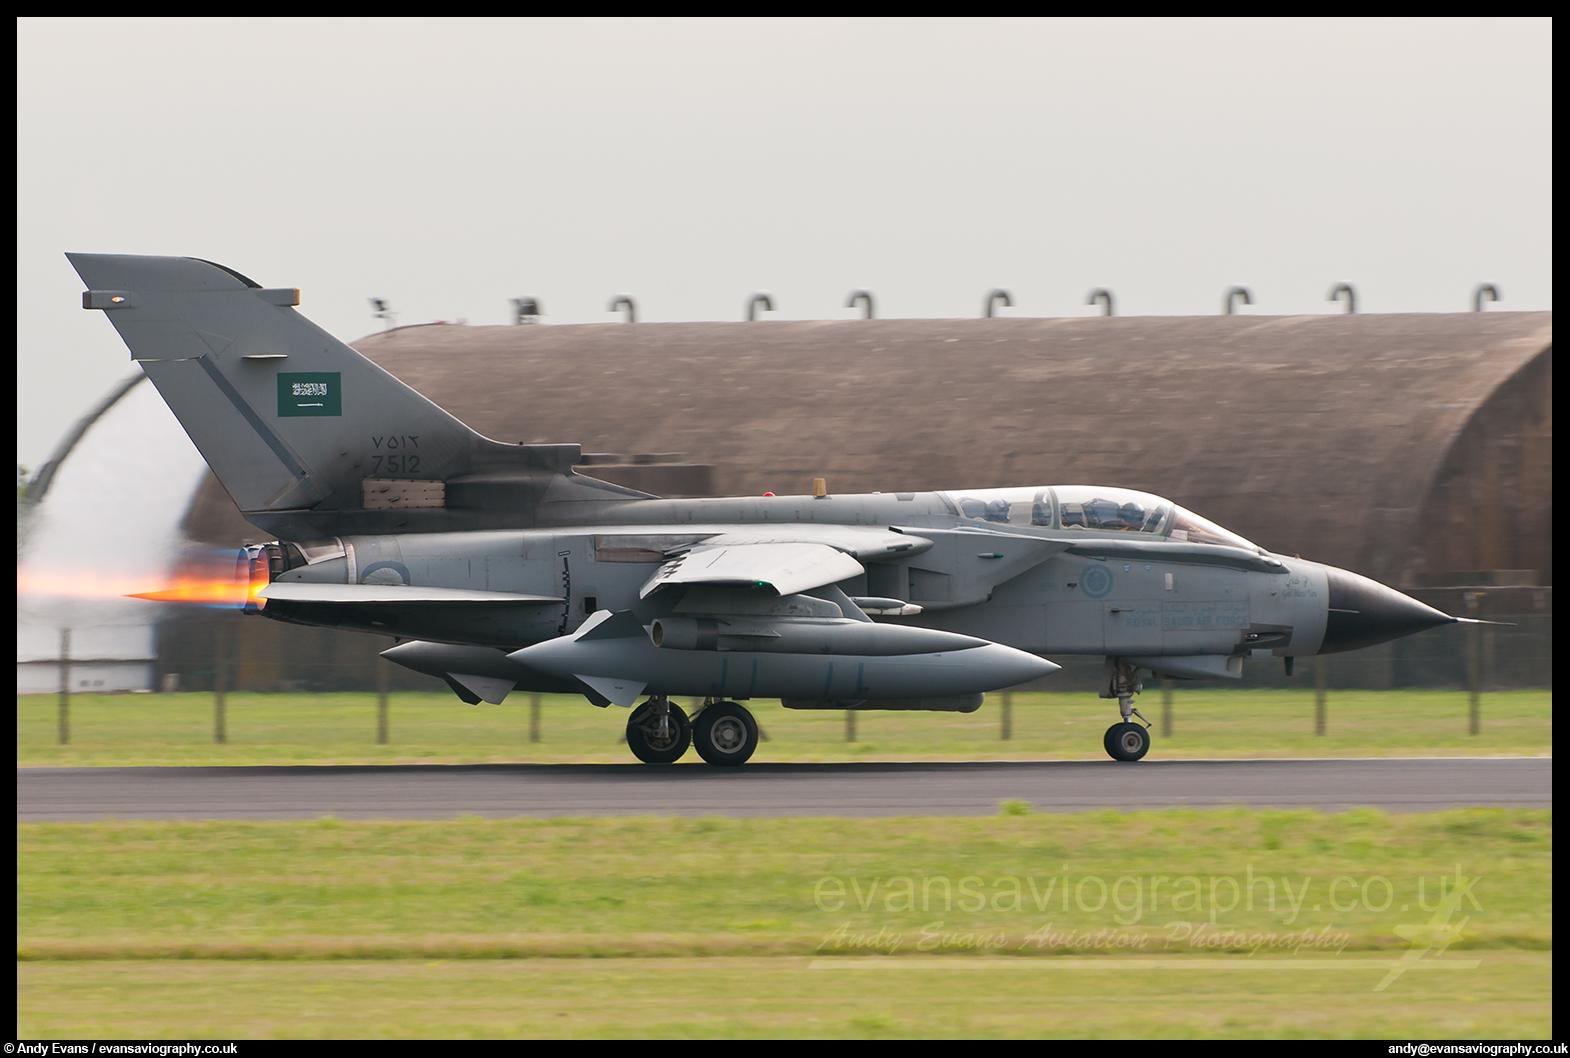 الموسوعه الفوغترافيه لصور القوات الجويه الملكيه السعوديه ( rsaf ) - صفحة 6 9676242456_53f0de8946_o